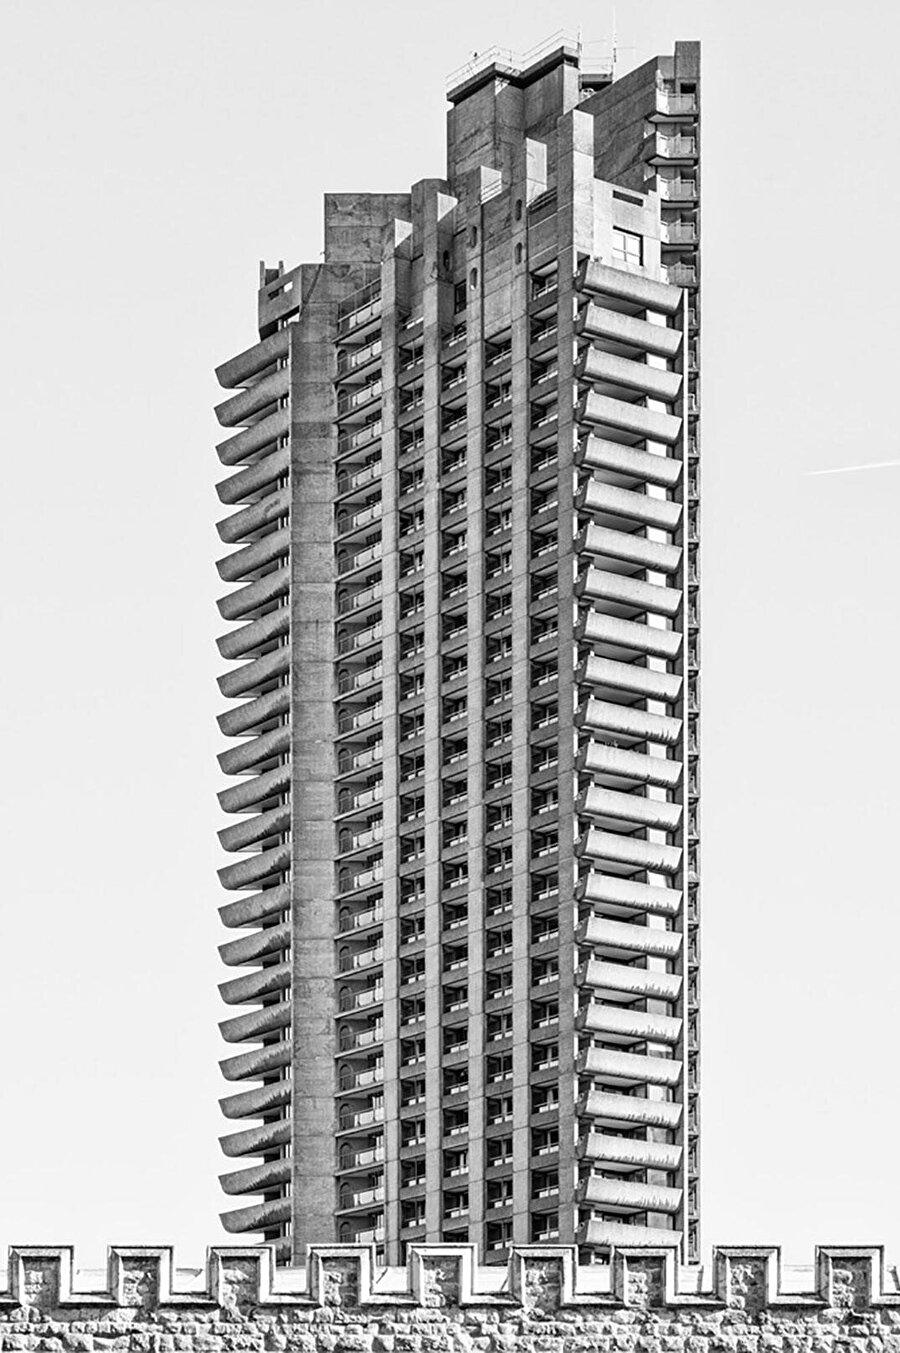 Barbican'ın kuleleri, inşa edildikleri dönemde, Londra'nın en yüksek yapıları arasında, ilk beşte yer alıyor.